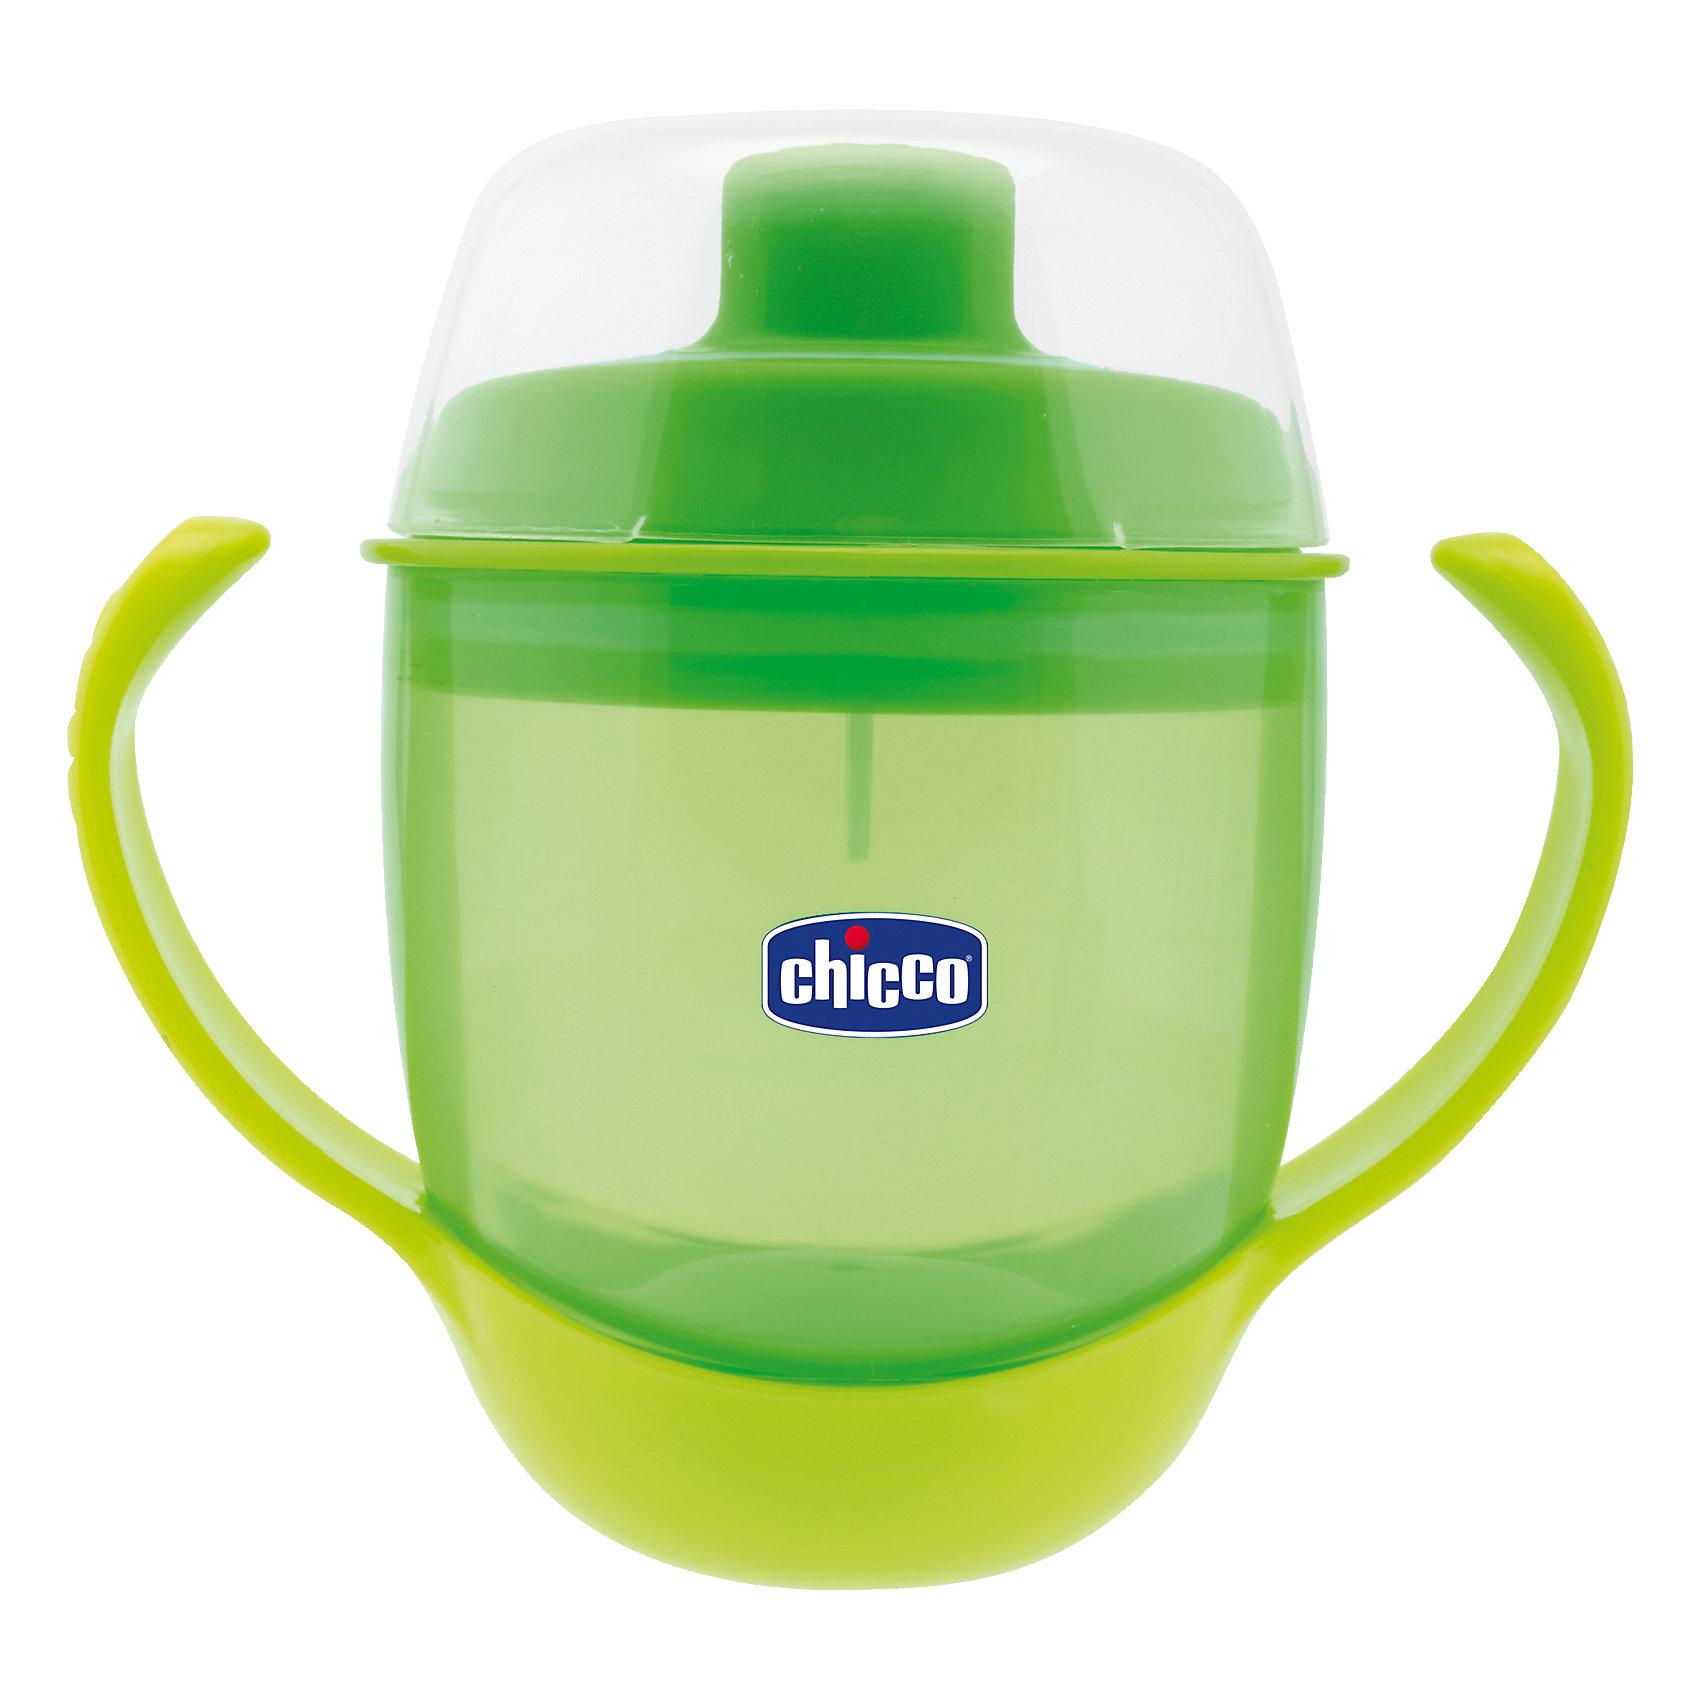 Чашка-поильник трансформер 3-в-1,непроливайка, 12мес.+, 180мл., CHICCOПоильники<br>Чашка-поильник от Chicco(Чикко) изготовлена для детей от 1 года. Мягкий носик подойдет детям, которые только учатся пить самостоятельно. Специальный клапан внутри поможет жидкости не вытекать слишком быстро. После того, как малыш научится пить сам, вы сможете снять сначала крышку с носиком, а затем и ручки. С этим поильником малыш с удовольствием сделает первые шаги к самостоятельности!<br><br>Дополнительная информация:<br>Материал: пластик<br>Объем: 180 мл<br>Вес: 170 грамм<br>Размер: 14х9х18,6 см<br>Возраст: от 1 года<br><br>Чашку-поильник трансформер Chicco(Чикко) можно приобрести в нашем интернет-магазине.<br><br>Ширина мм: 176<br>Глубина мм: 129<br>Высота мм: 83<br>Вес г: 169<br>Цвет: зеленый<br>Возраст от месяцев: 12<br>Возраст до месяцев: 36<br>Пол: Унисекс<br>Возраст: Детский<br>SKU: 4074366